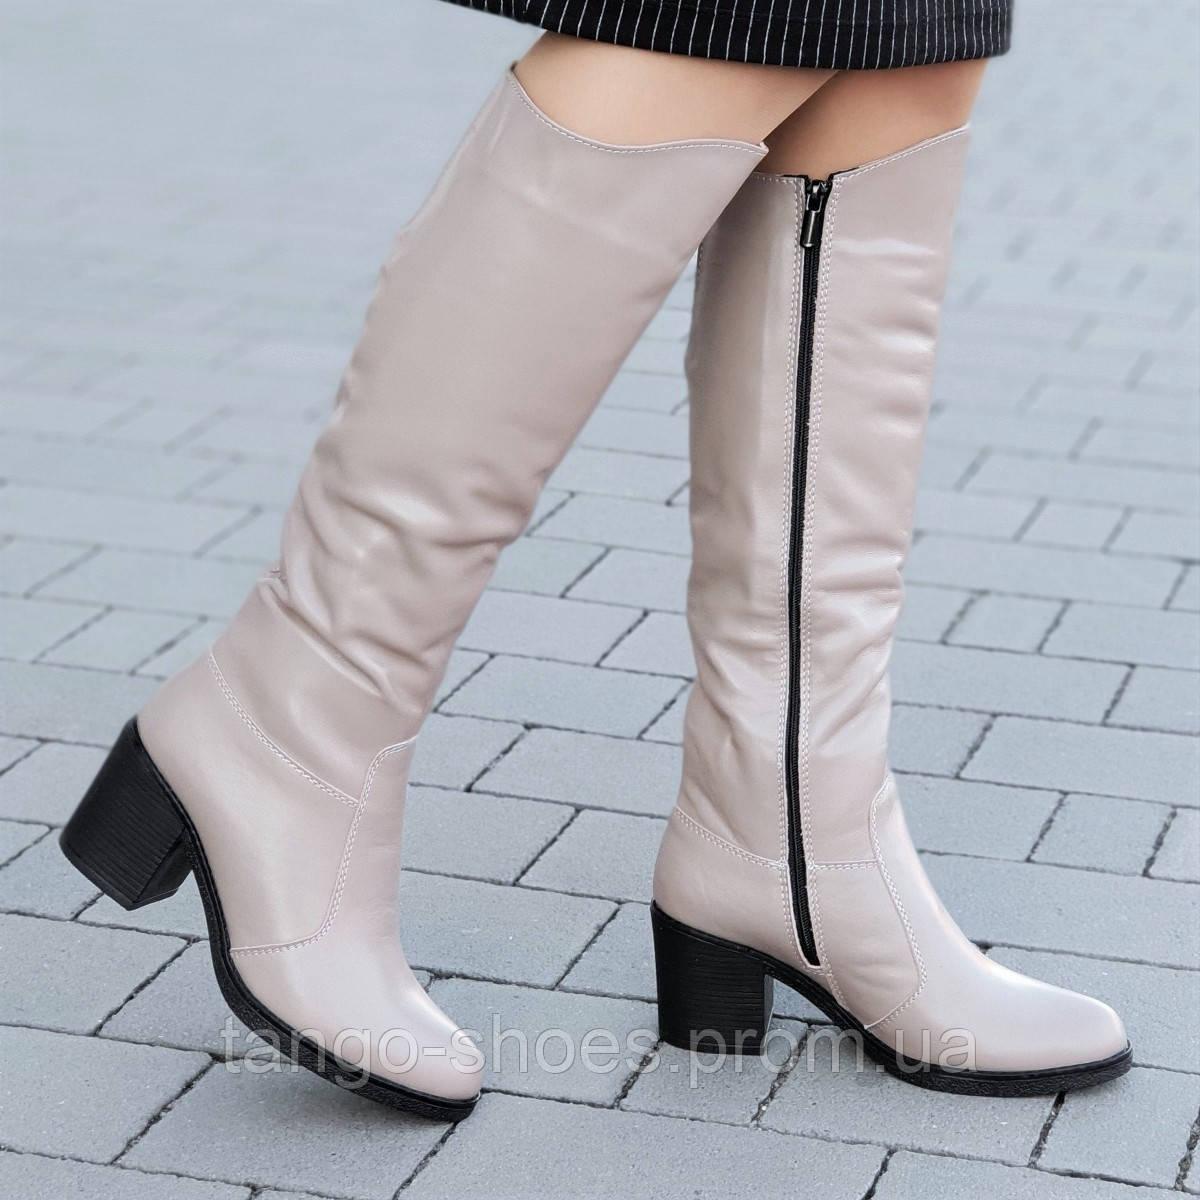 ac2fe8cc7 Женские зимние сапоги на широком каблуке кожаные бежевые удобная колодка  хороший плотный мех (Код: